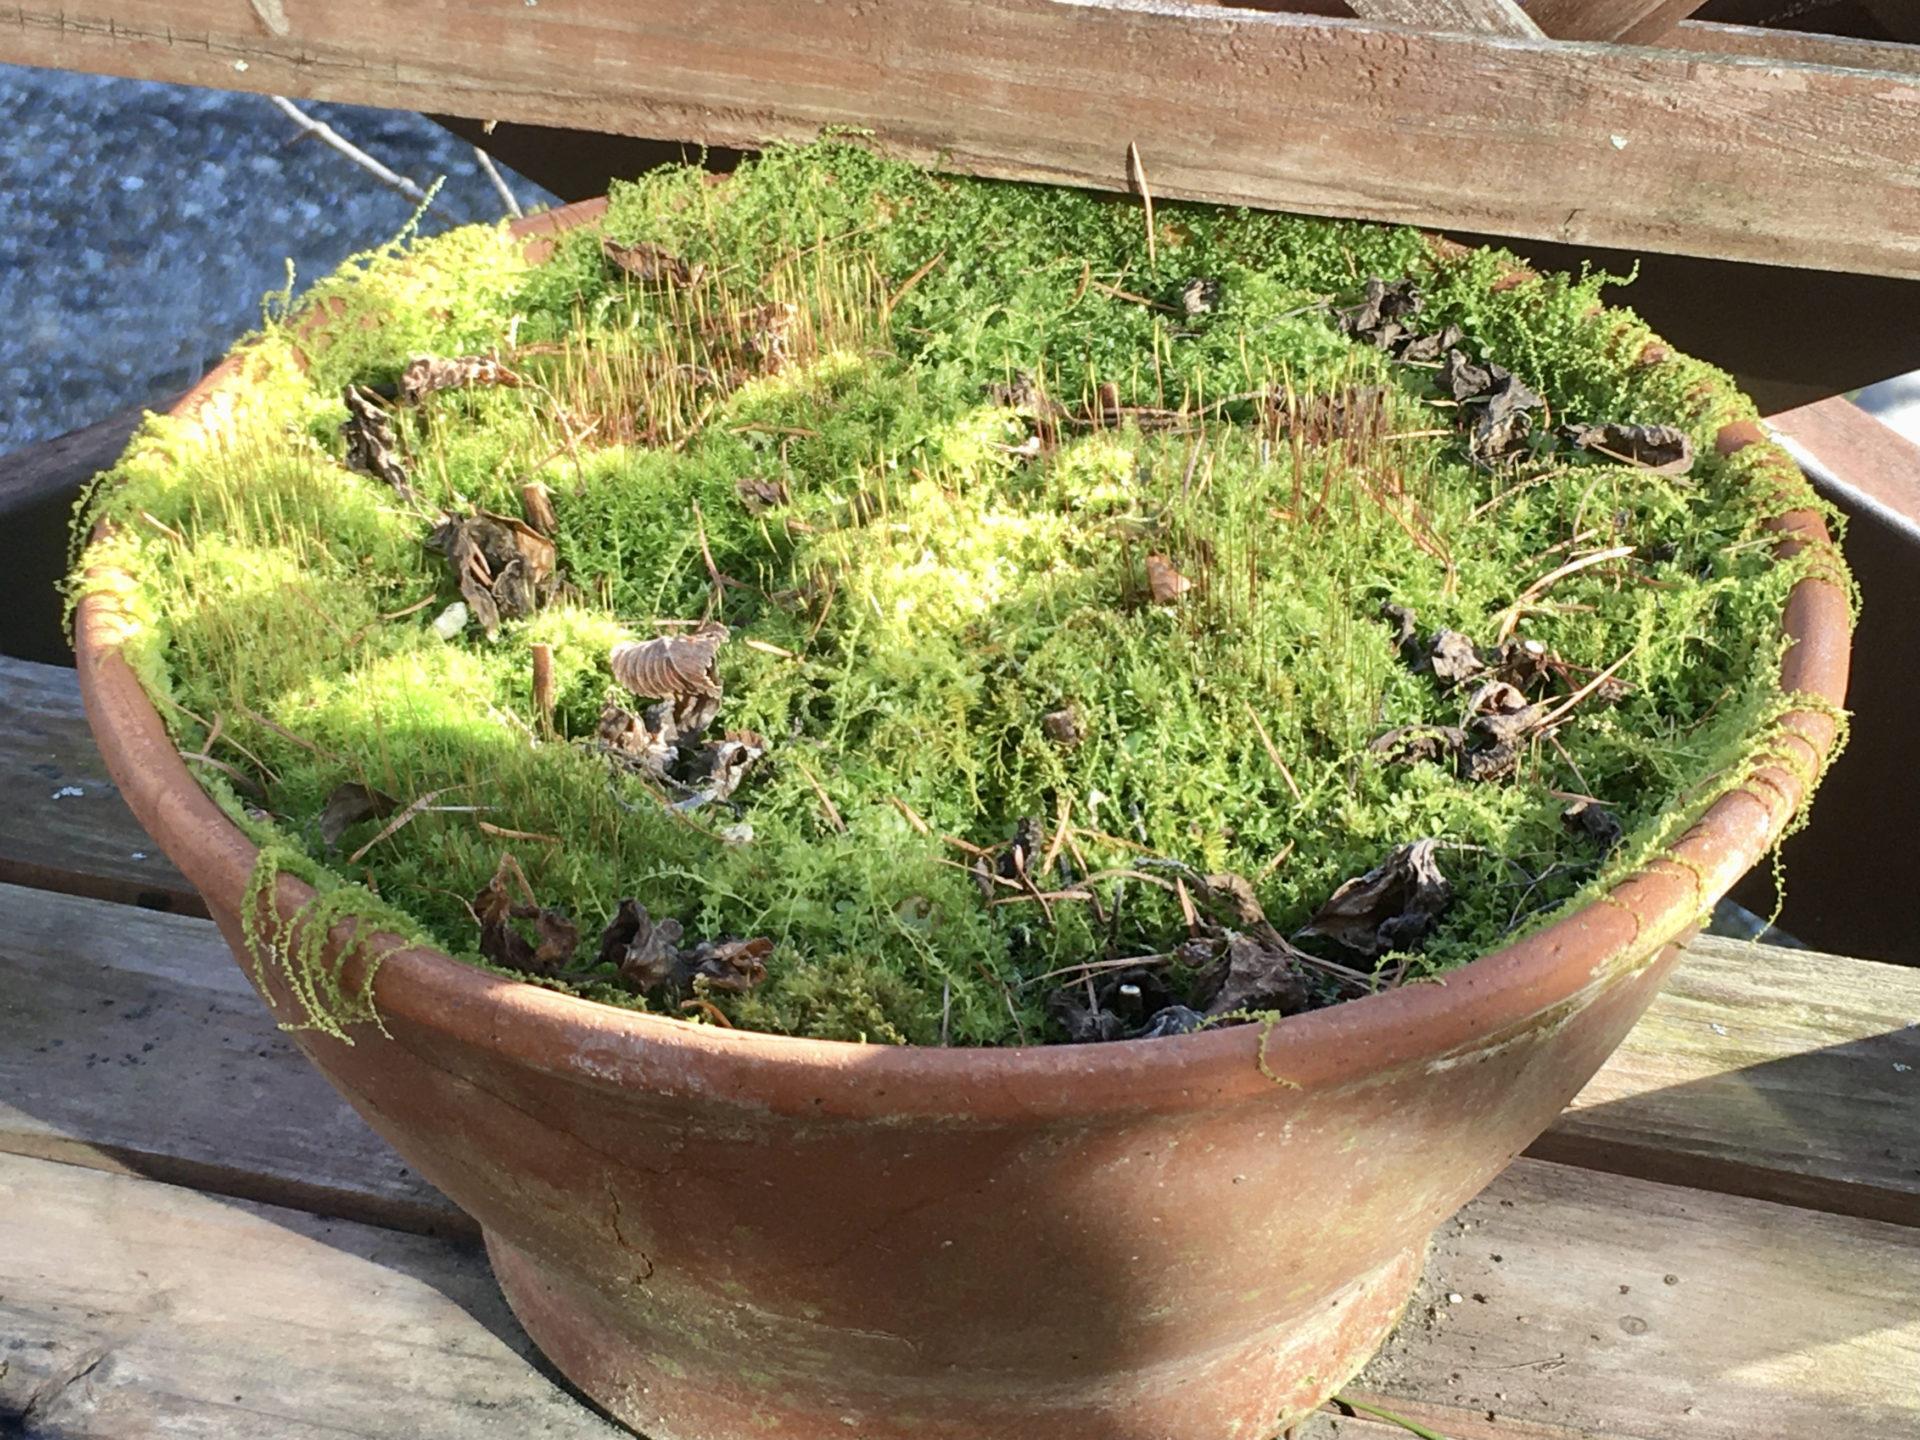 軽井沢の苔の森(植木鉢)